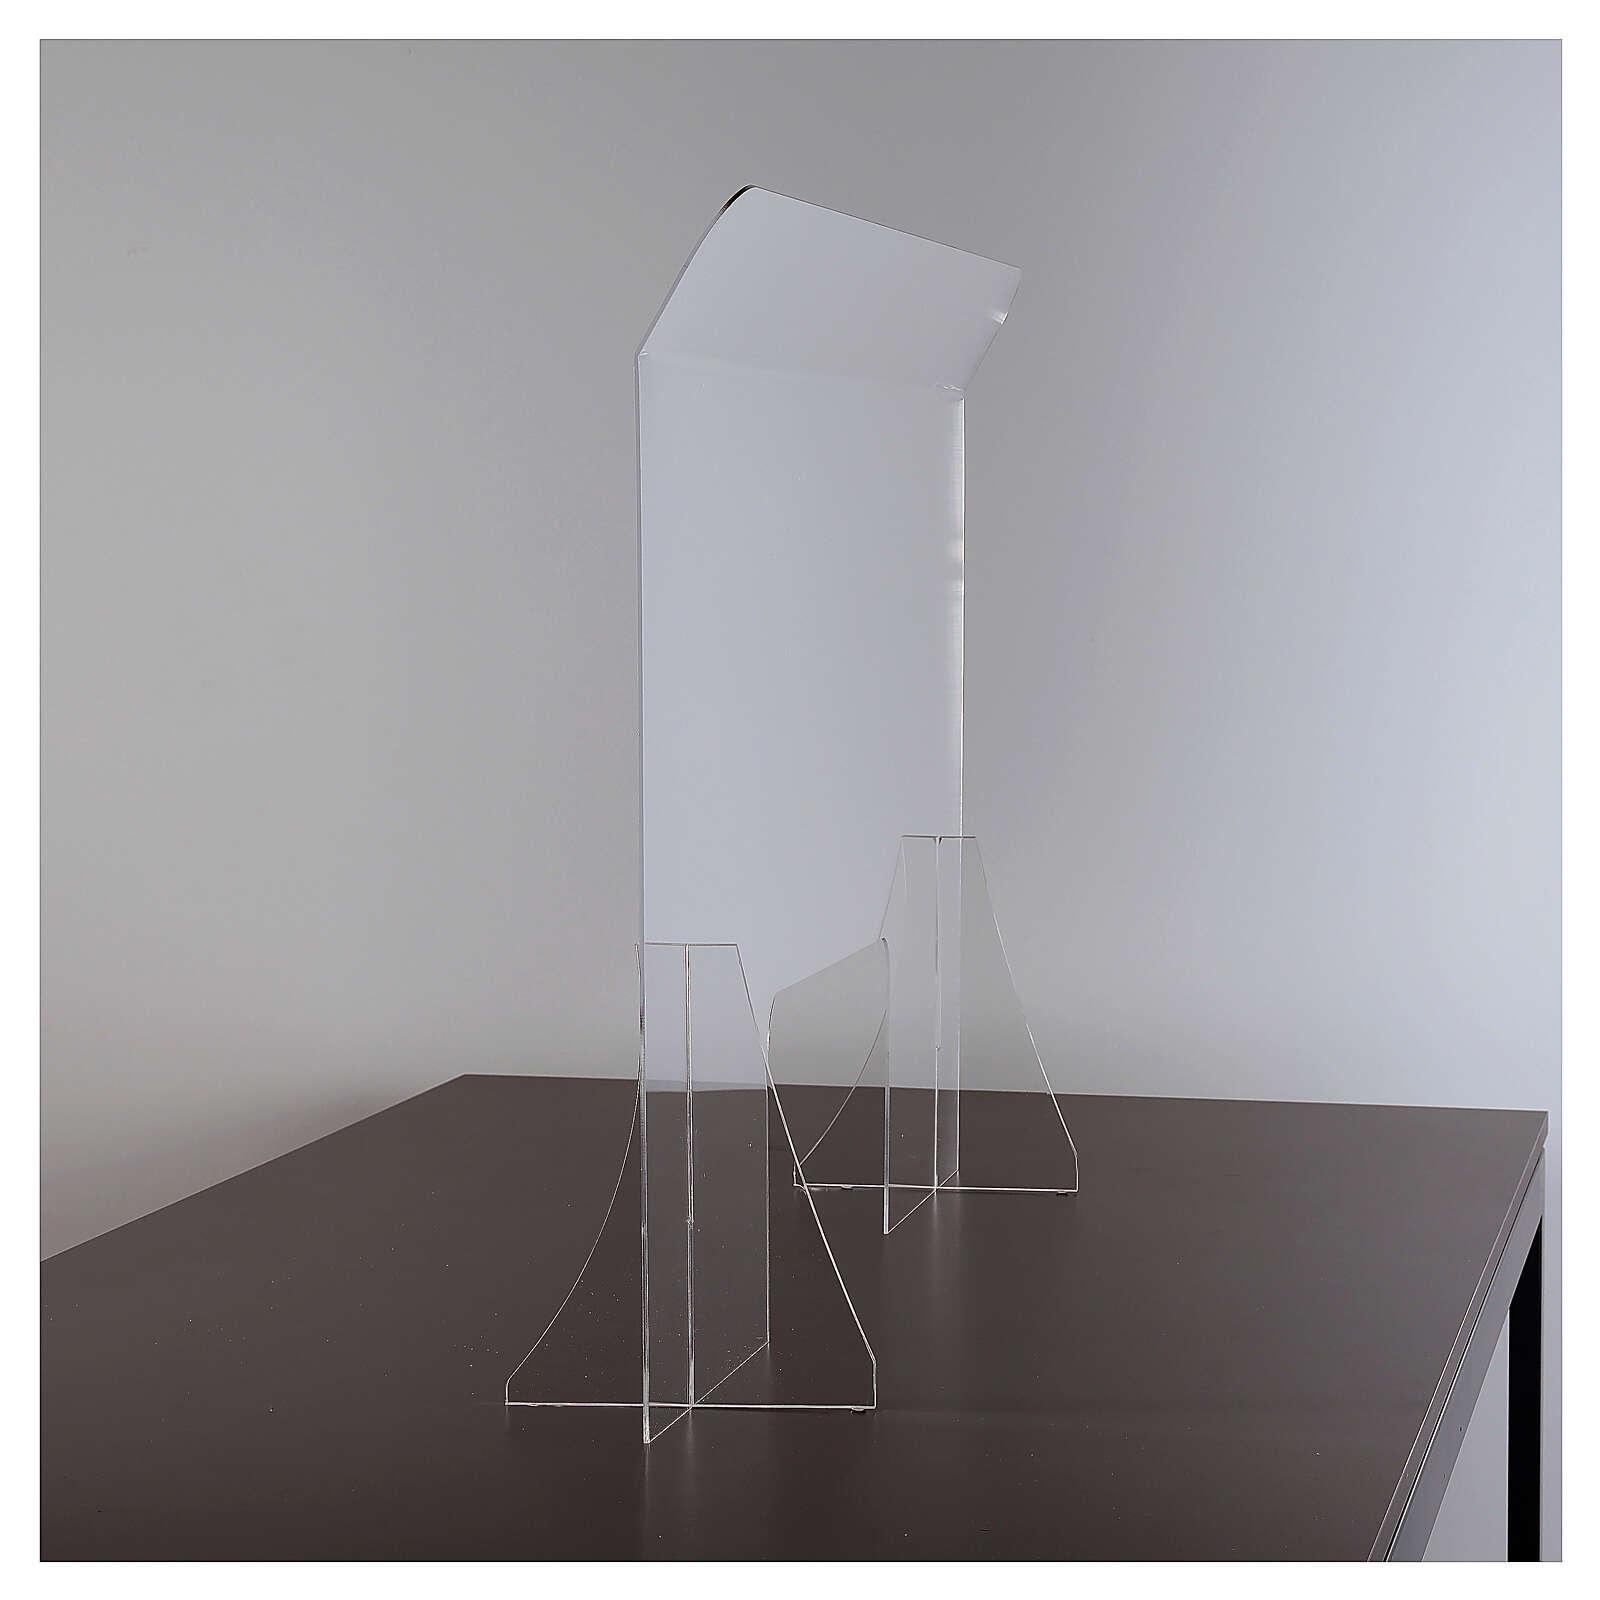 Lámina anti-aliento plexiglás 98x100 ventana 20x40 3